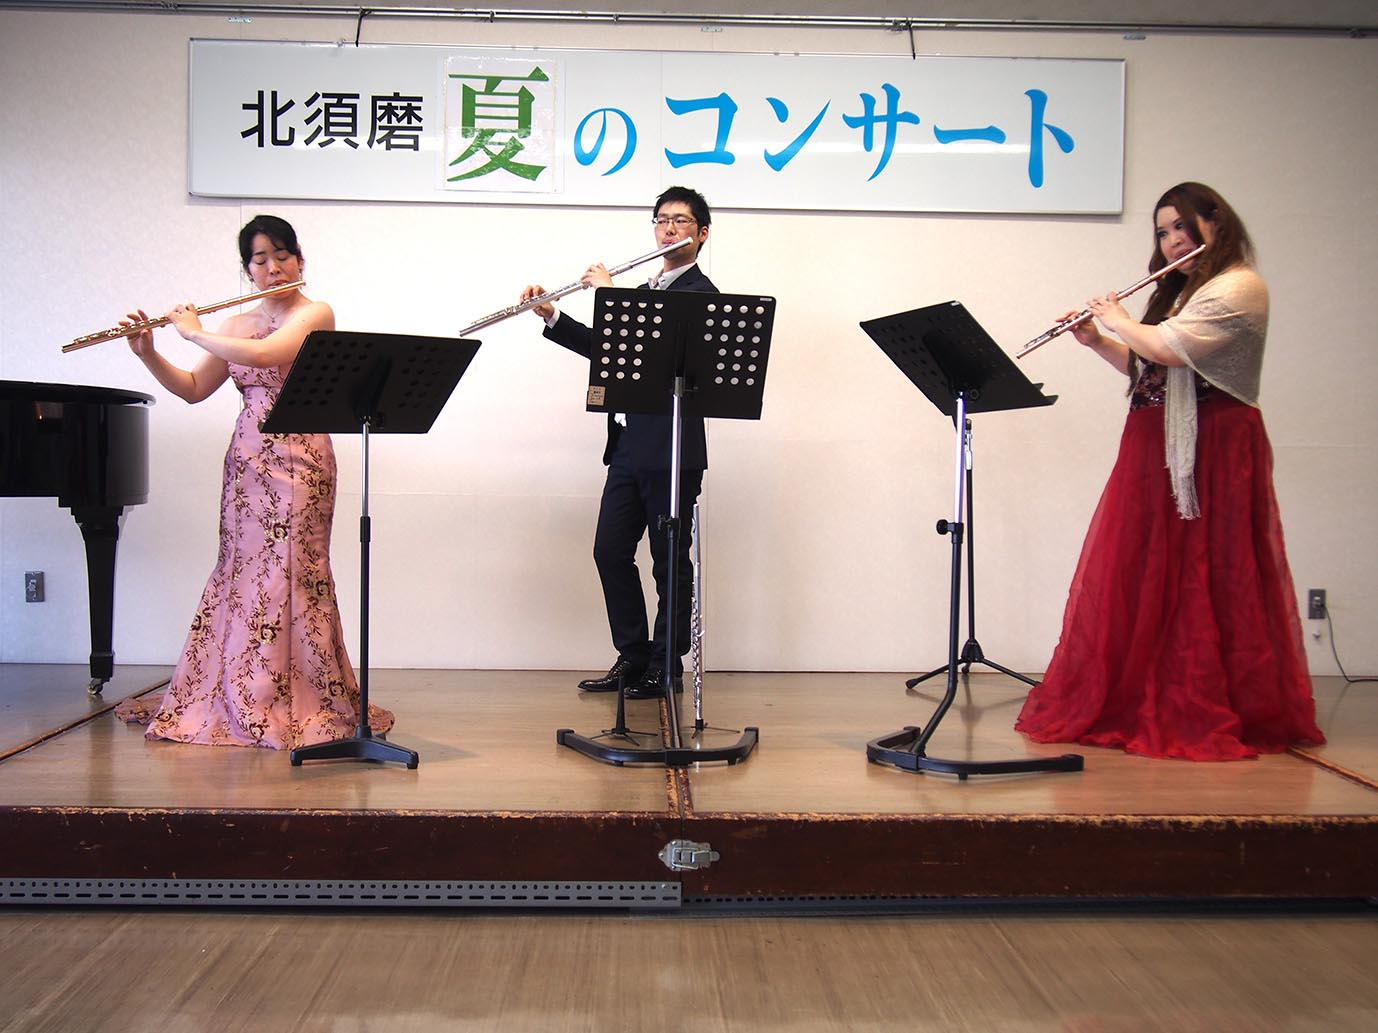 記事 北須磨 夏のコンサートのアイキャッチ画像